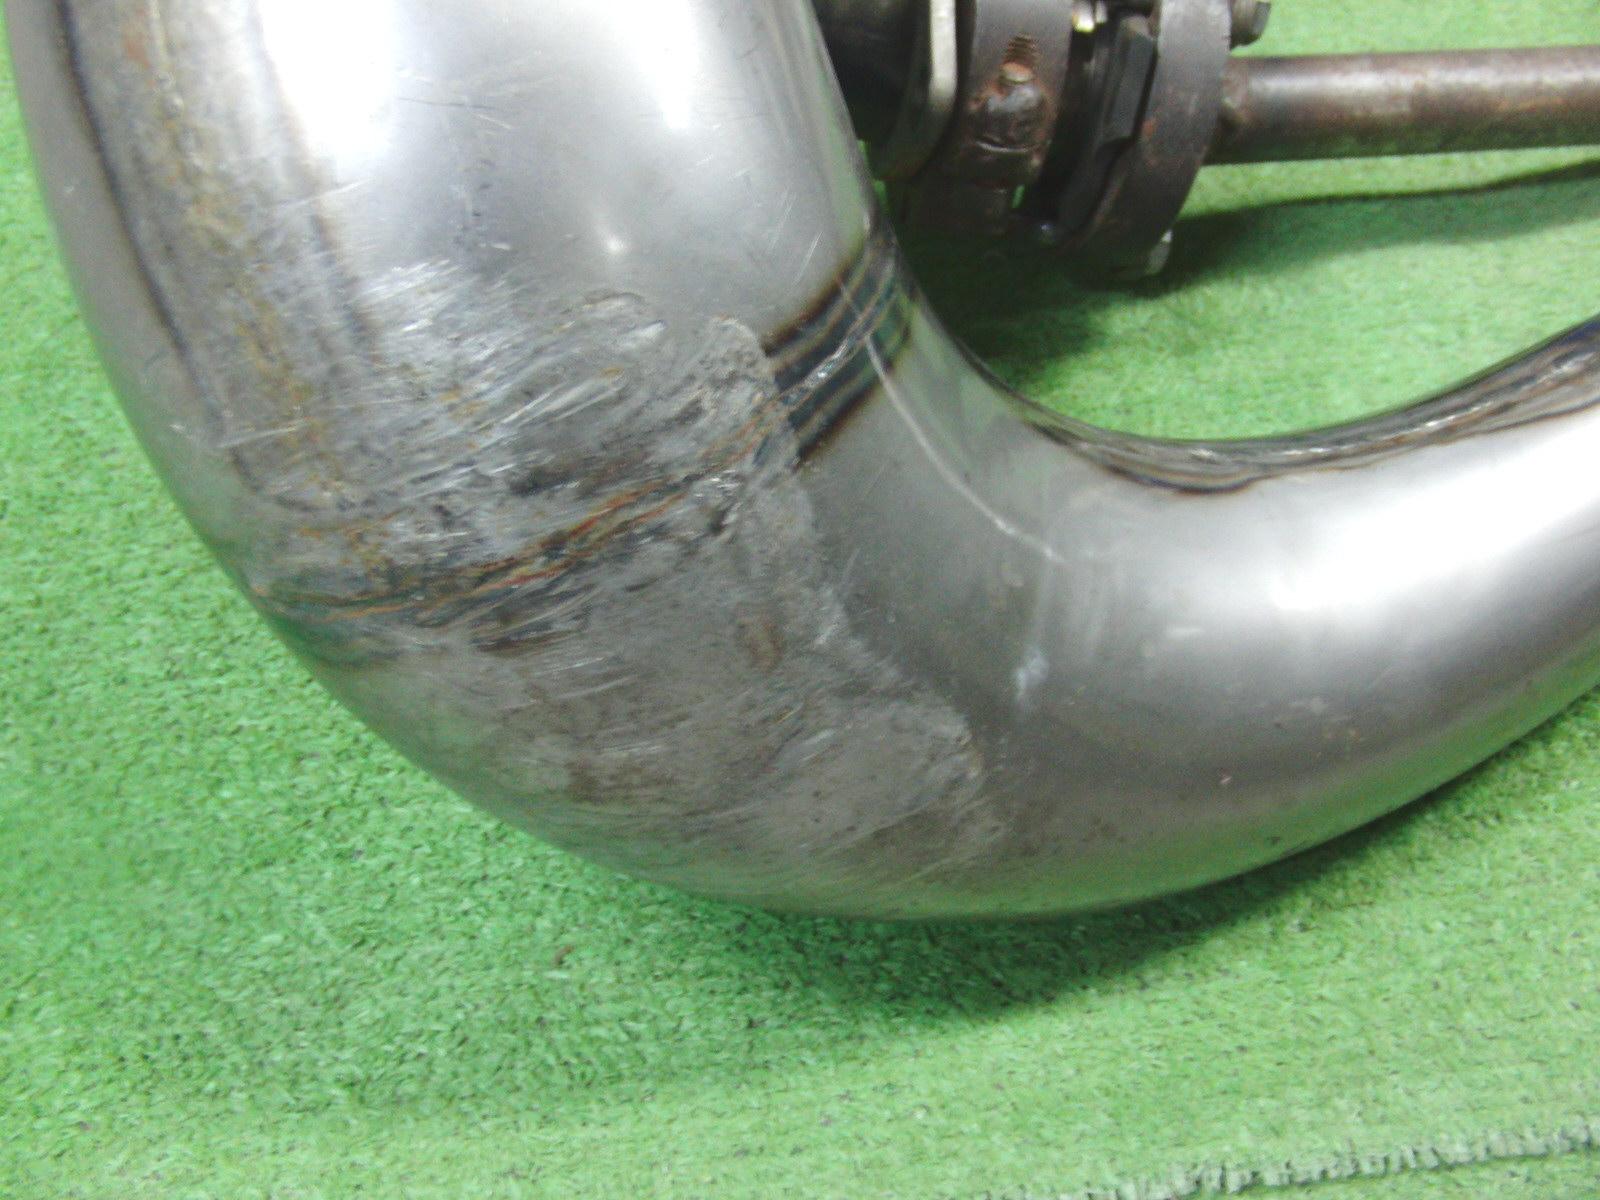 http://www.precious-factory.com/preciousfactory2010/CIMG2655.JPG